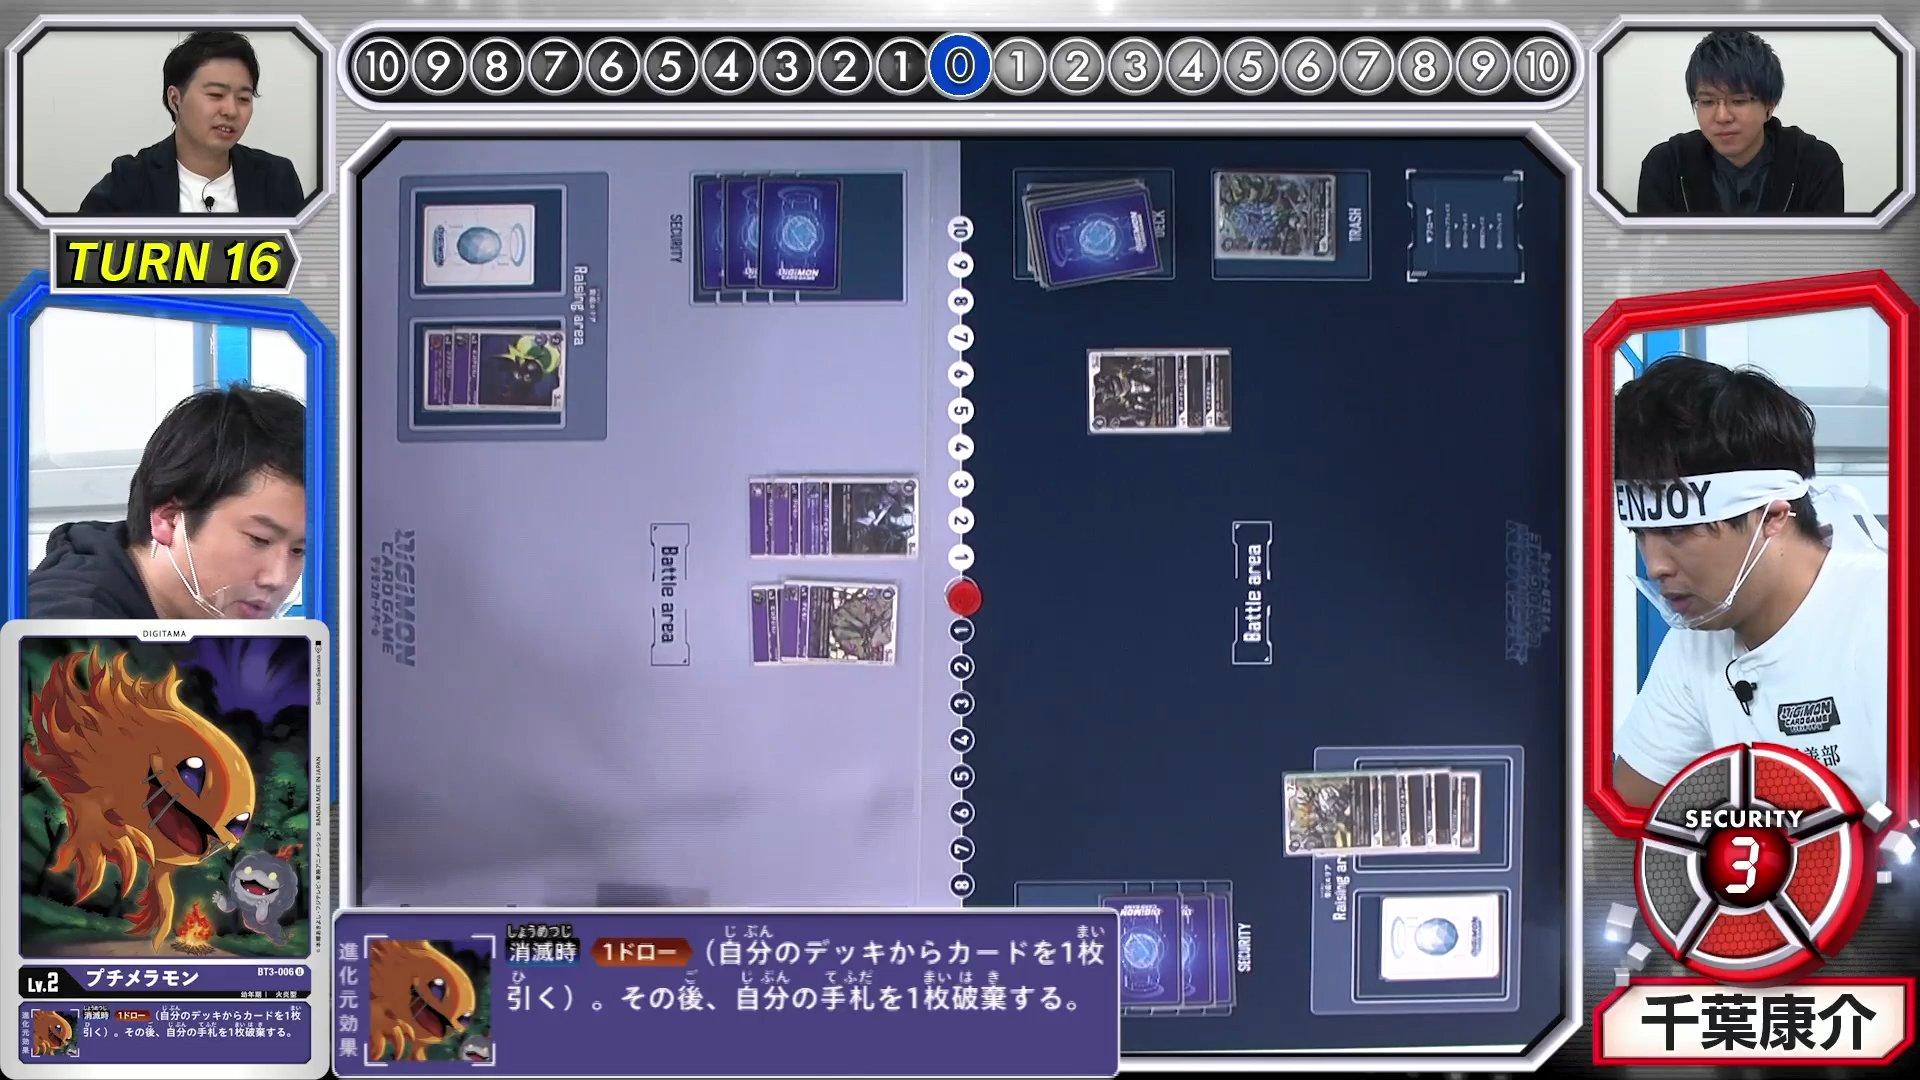 digimoncardbattle_v2_14_07_january14_2021.jpg